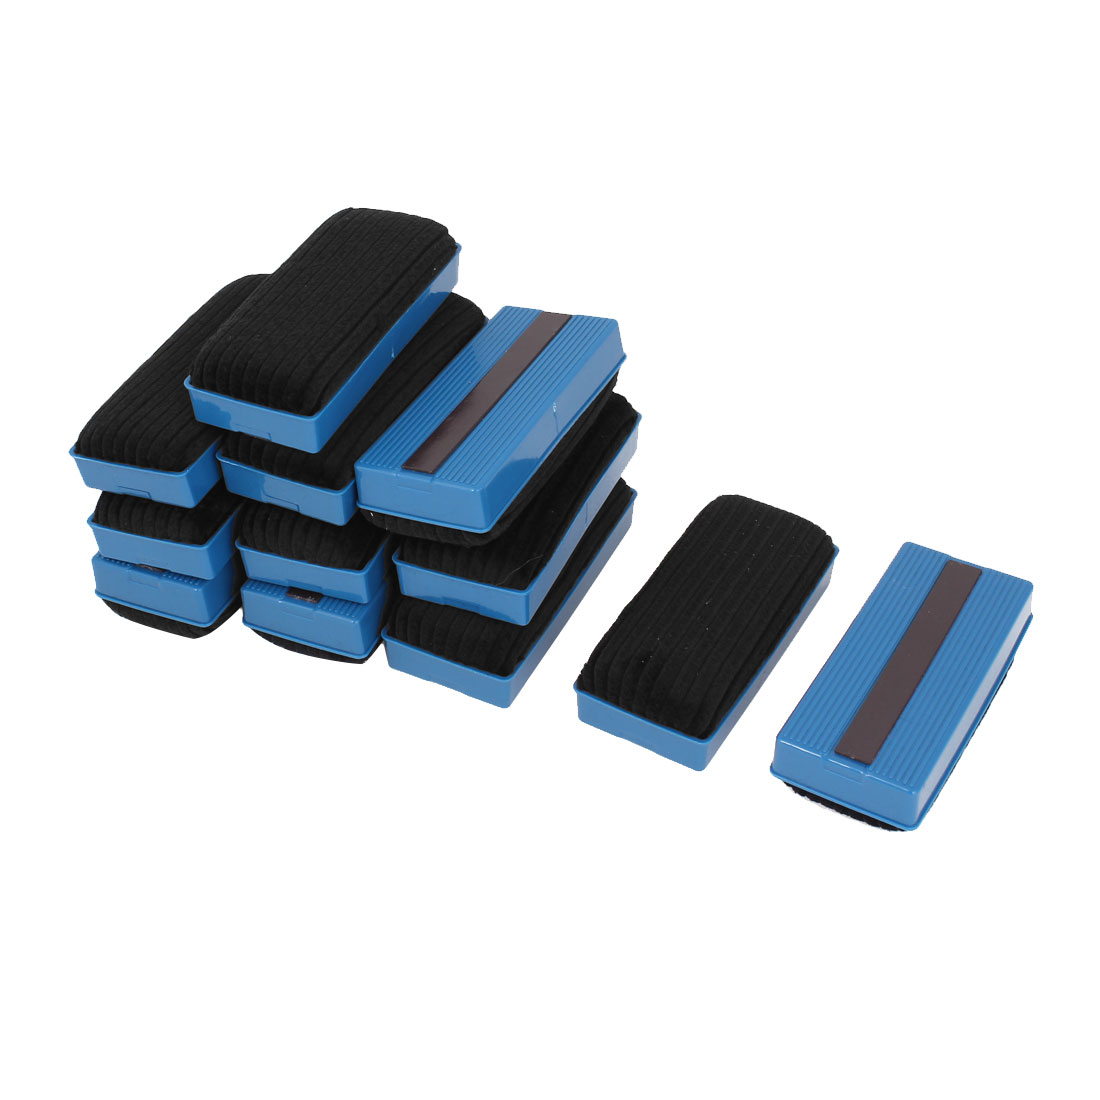 Unique Bargains 12 Pcs Magnetic Board Plastic Whiteboard Blackboard Cleaner Dry Marker Eraser